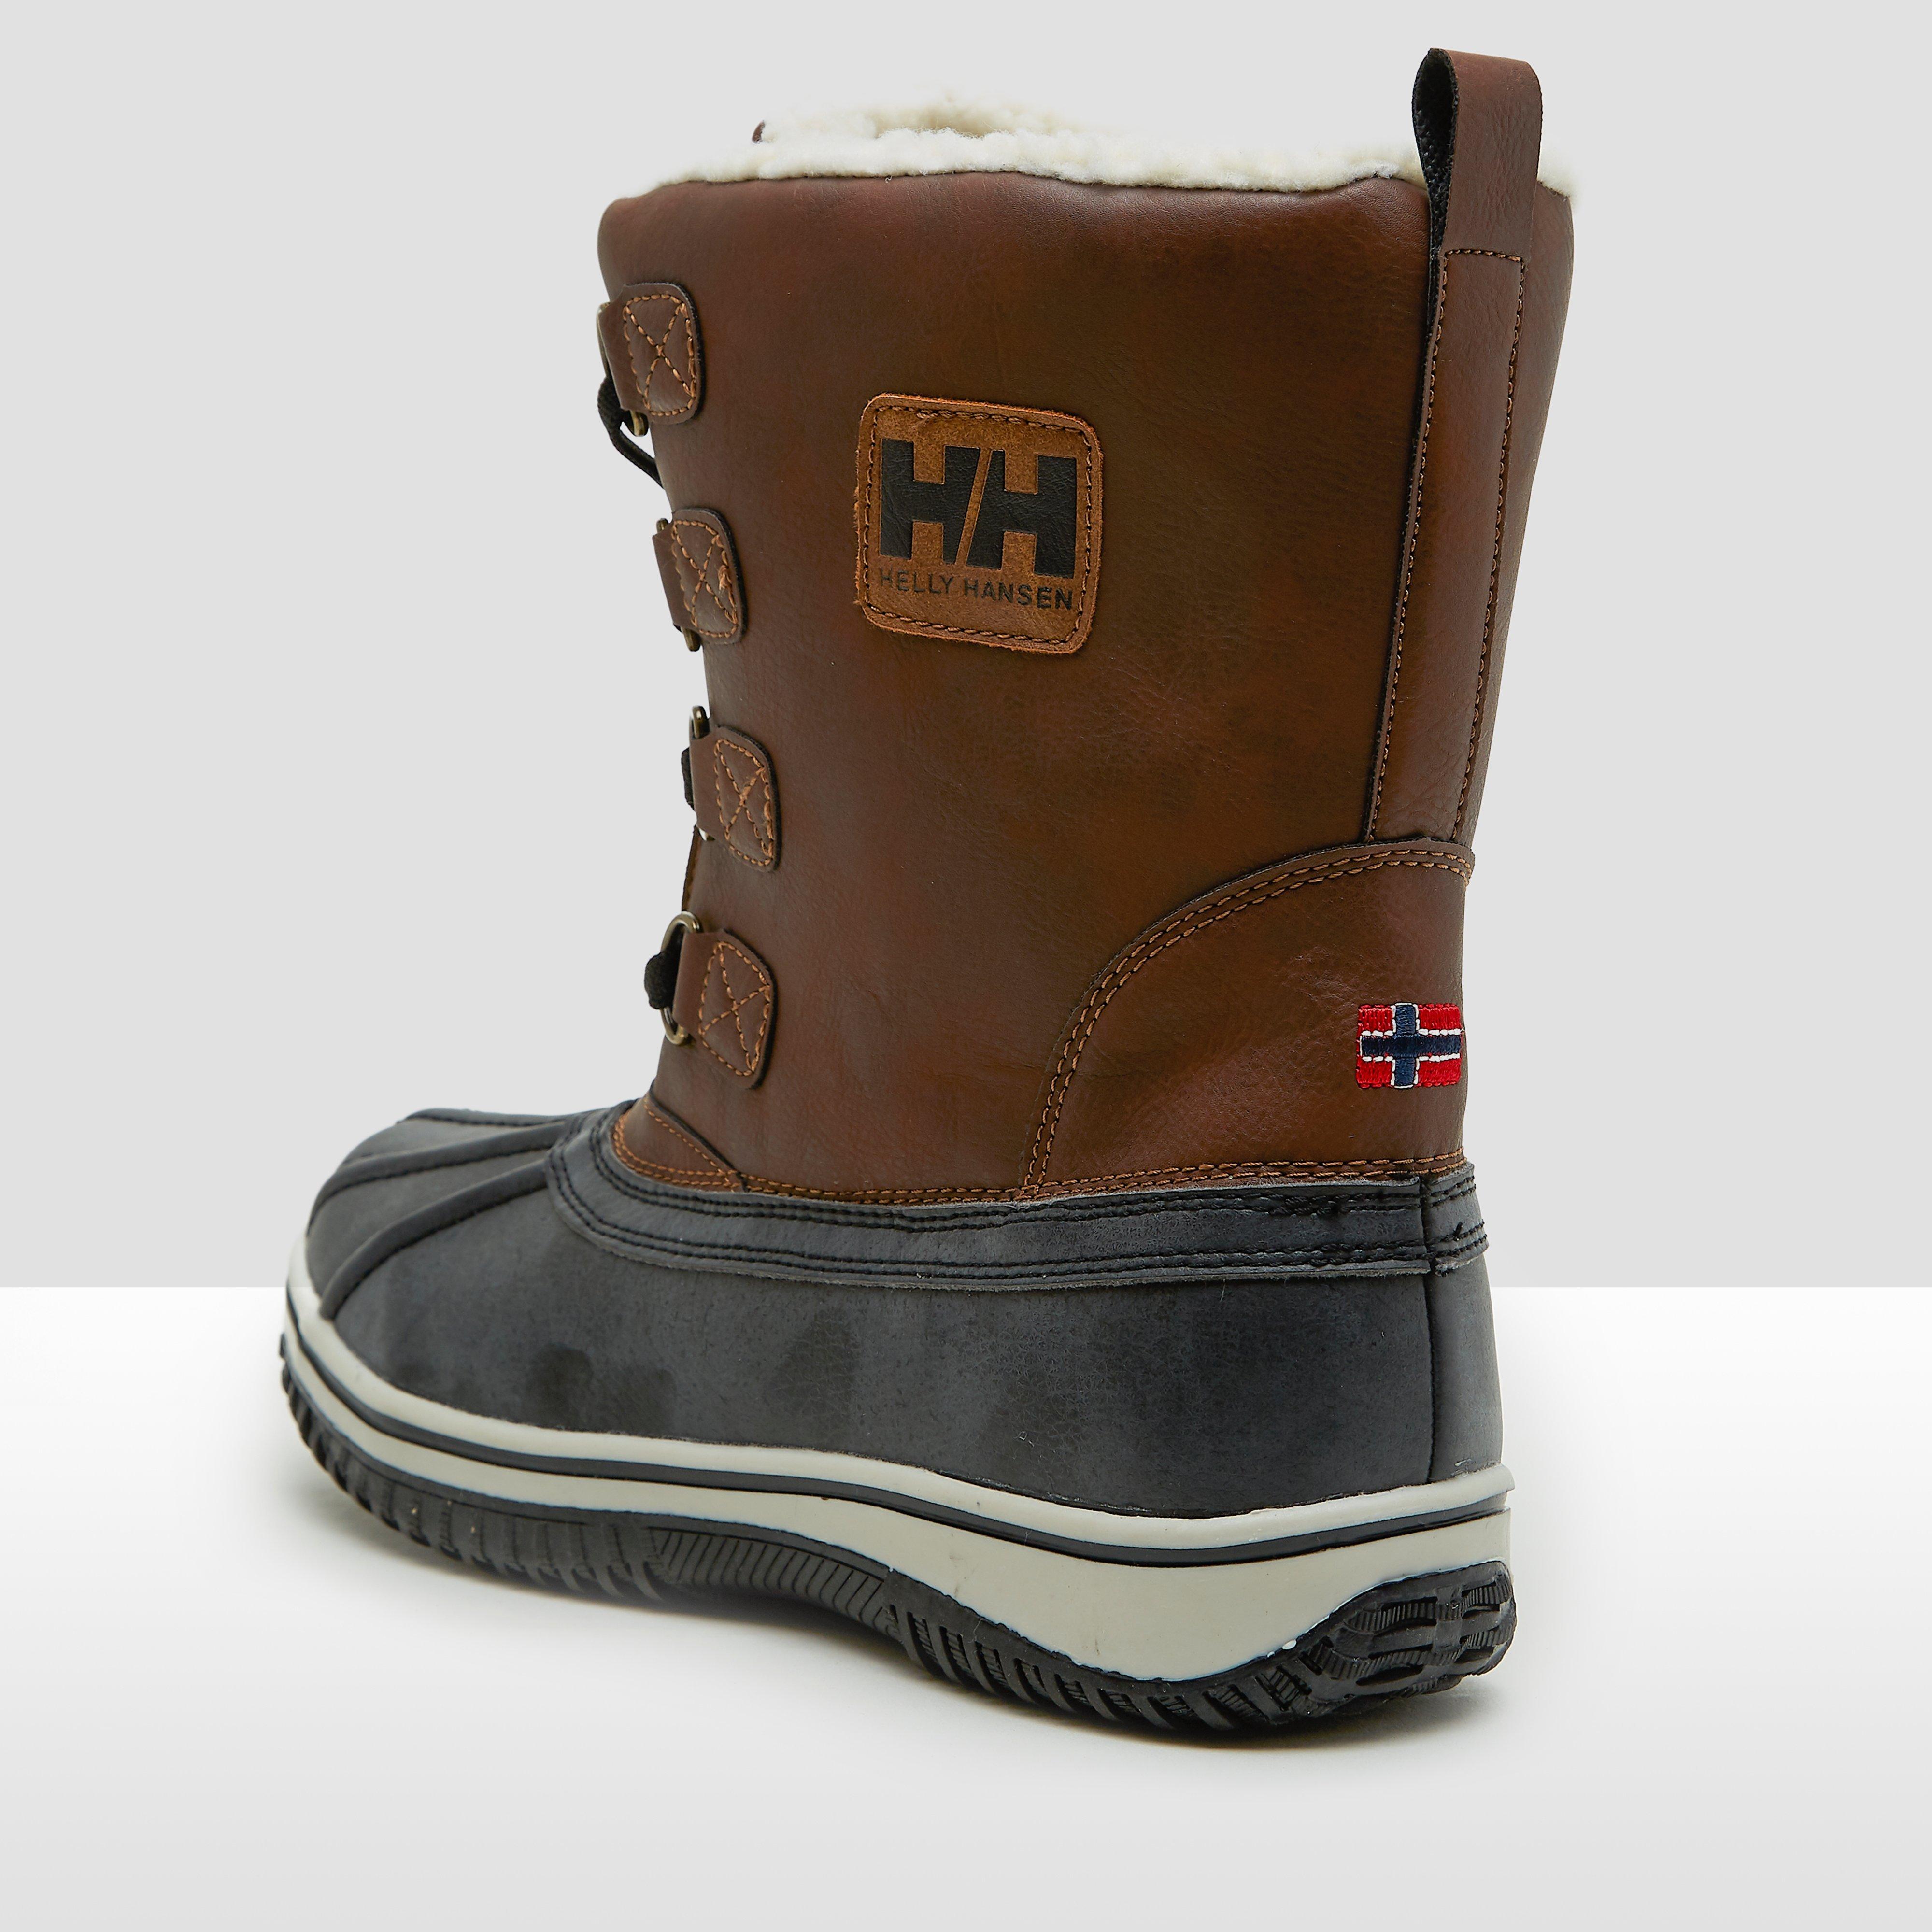 HELLY HANSEN JEPPE SNOWBOOTS BRUIN/ZWART HEREN